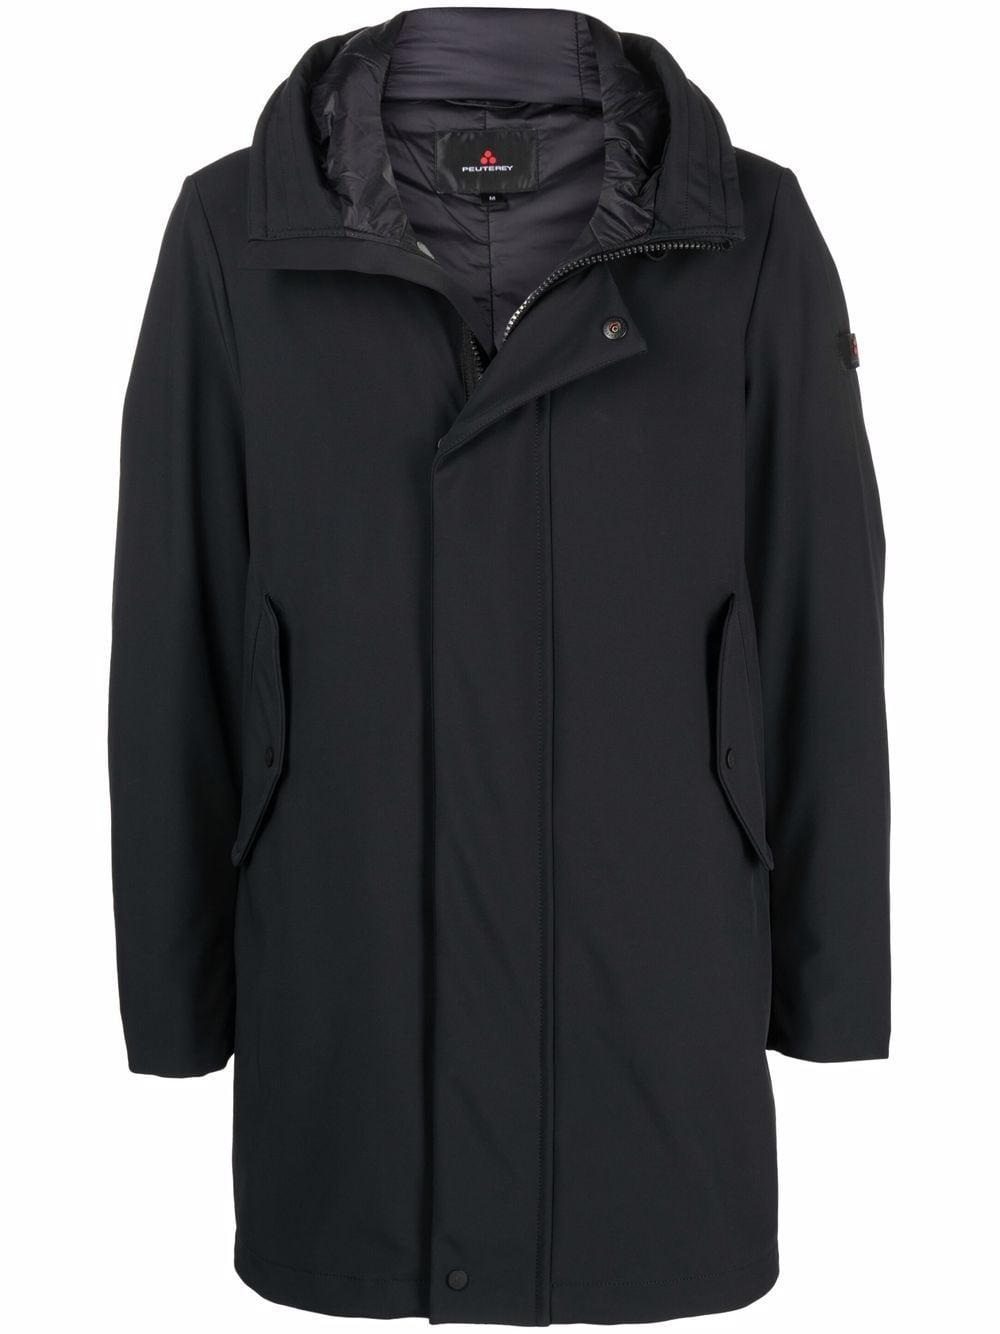 PEUTEREY- Peuterey Coats Black- Man- Xl - Black